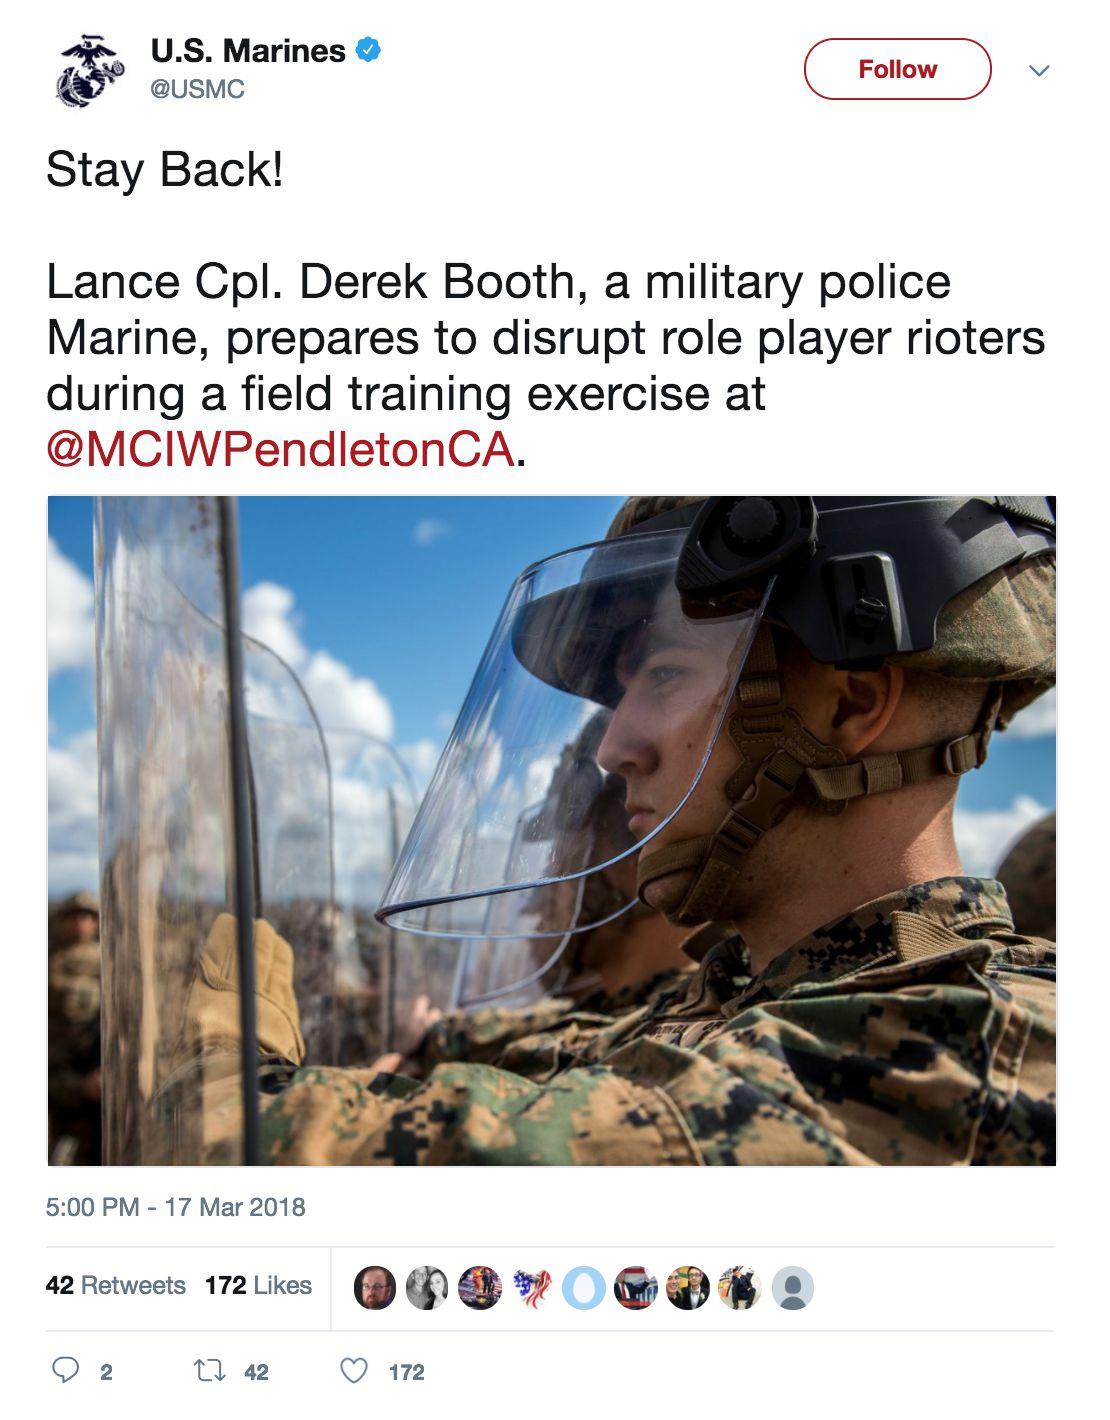 #USMC ACTIVATED! It's HAPPENING! #QAnon #NewQ #GreatAwakening